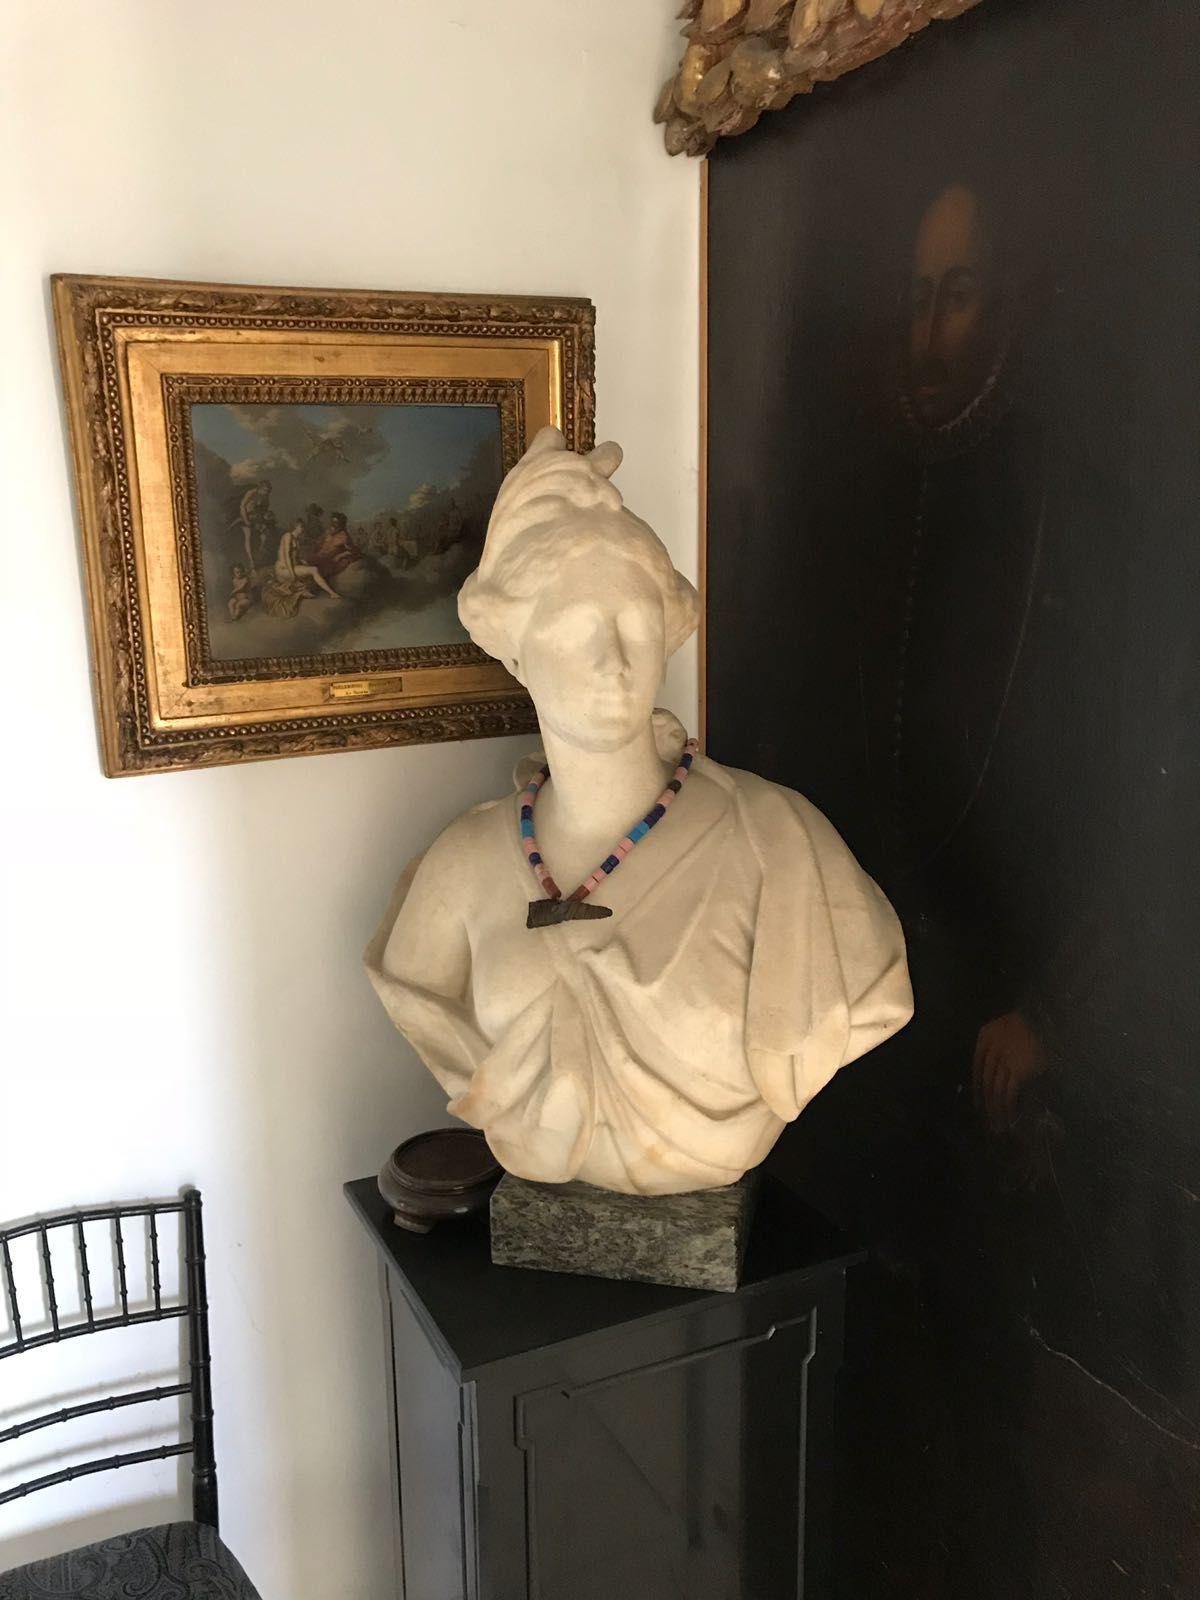 Foto 5 de Galerías de arte y salas de exposiciones en Cartagena | Arte & Antigüedades Federico Robles Perez